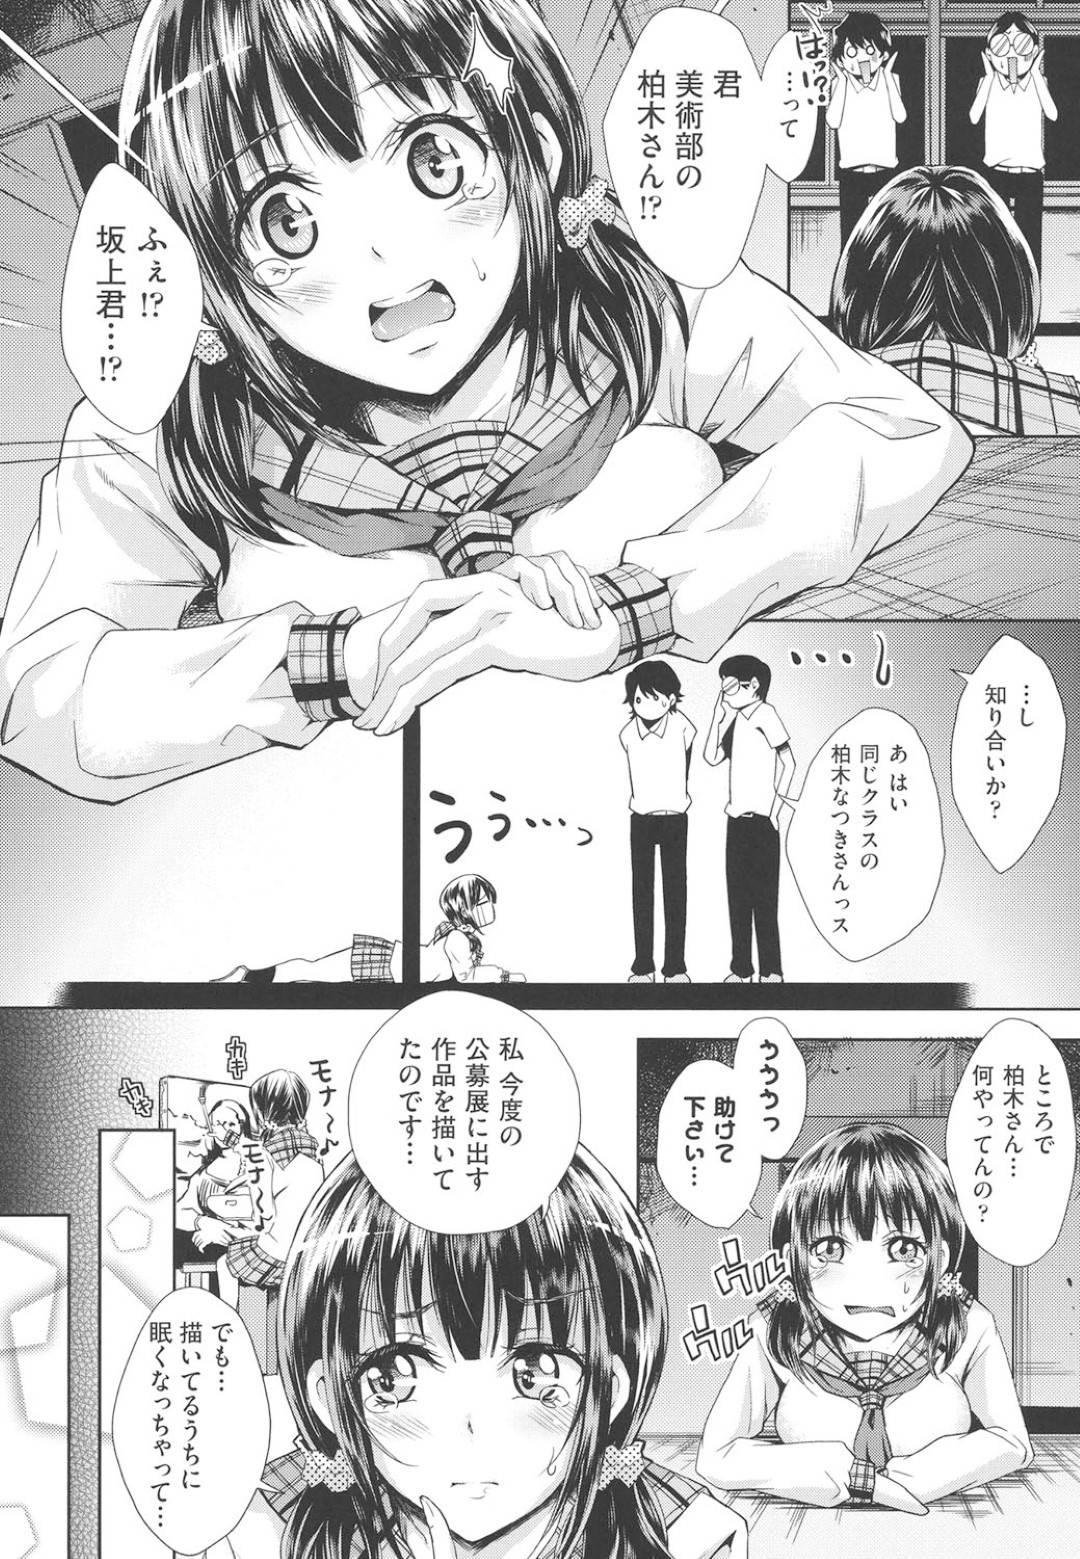 【JK3Pエロ漫画】夜の学校に忍び込んだ男子2人は、小窓の挟まっているJKを発見すると動けない事をいい事にセクハラしまくり3Pセックス【無洗米】